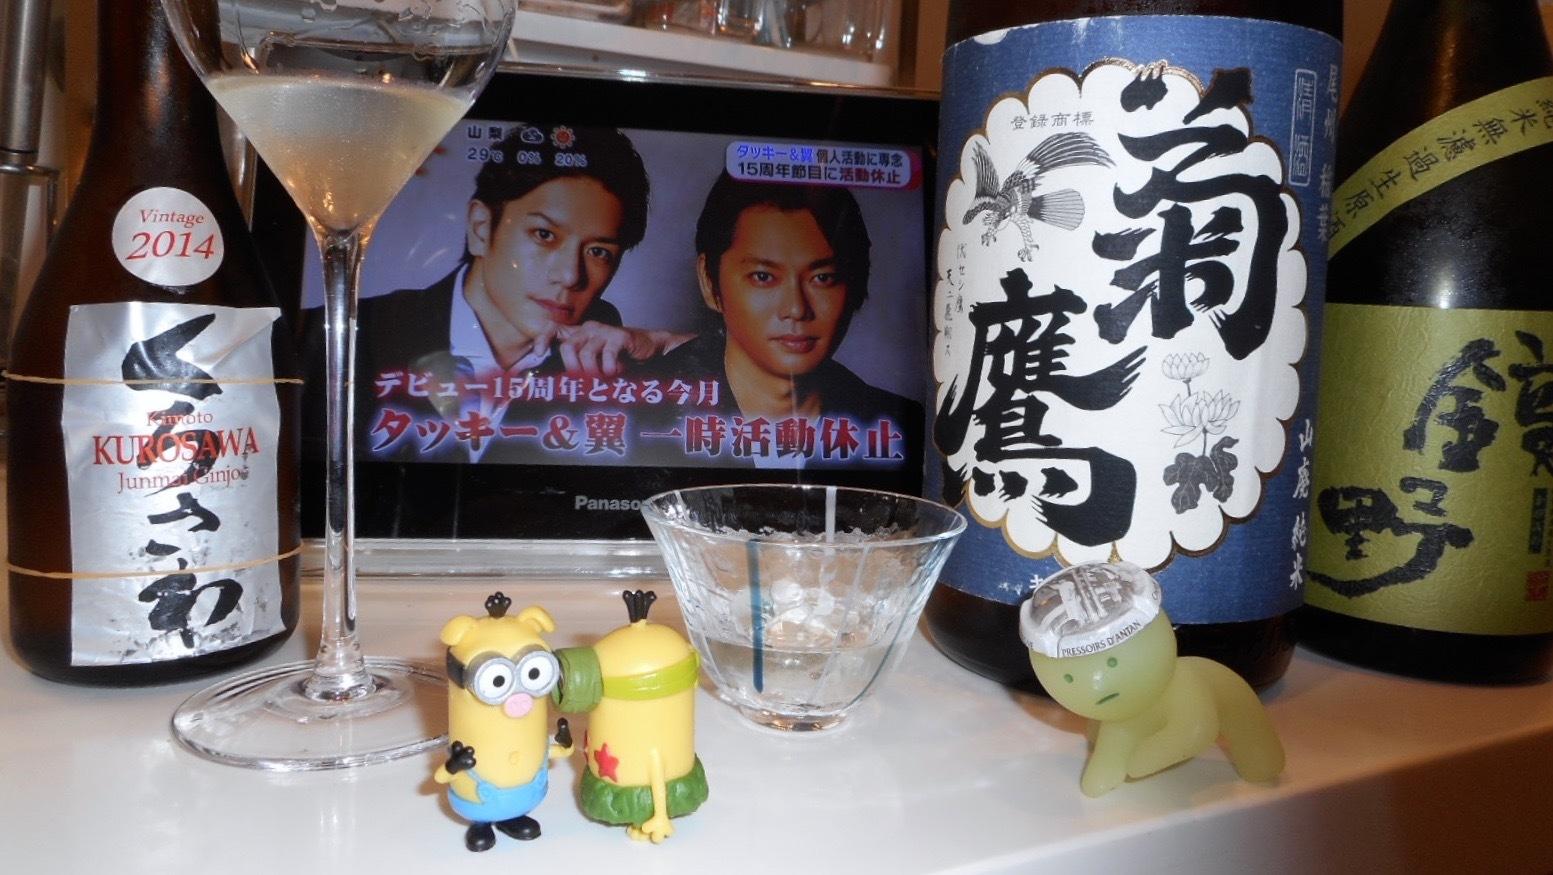 kikutaka_shifuku_nama28by11.jpg